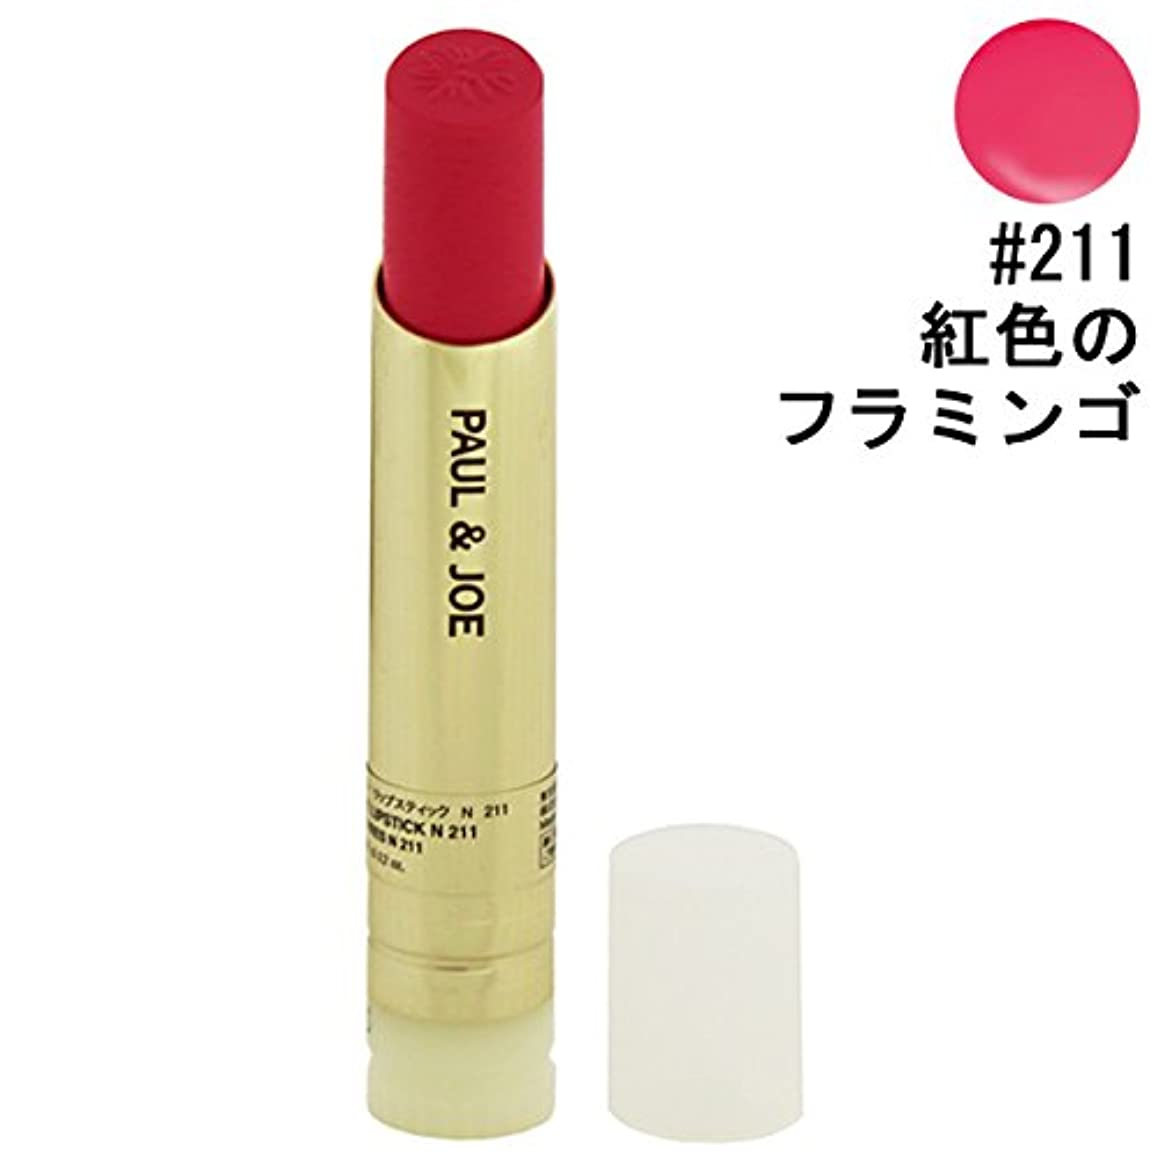 効能シーボード臨検【ポール&ジョー】リップスティックN #211 紅色のフラミンゴ (レフィル) 3.5g